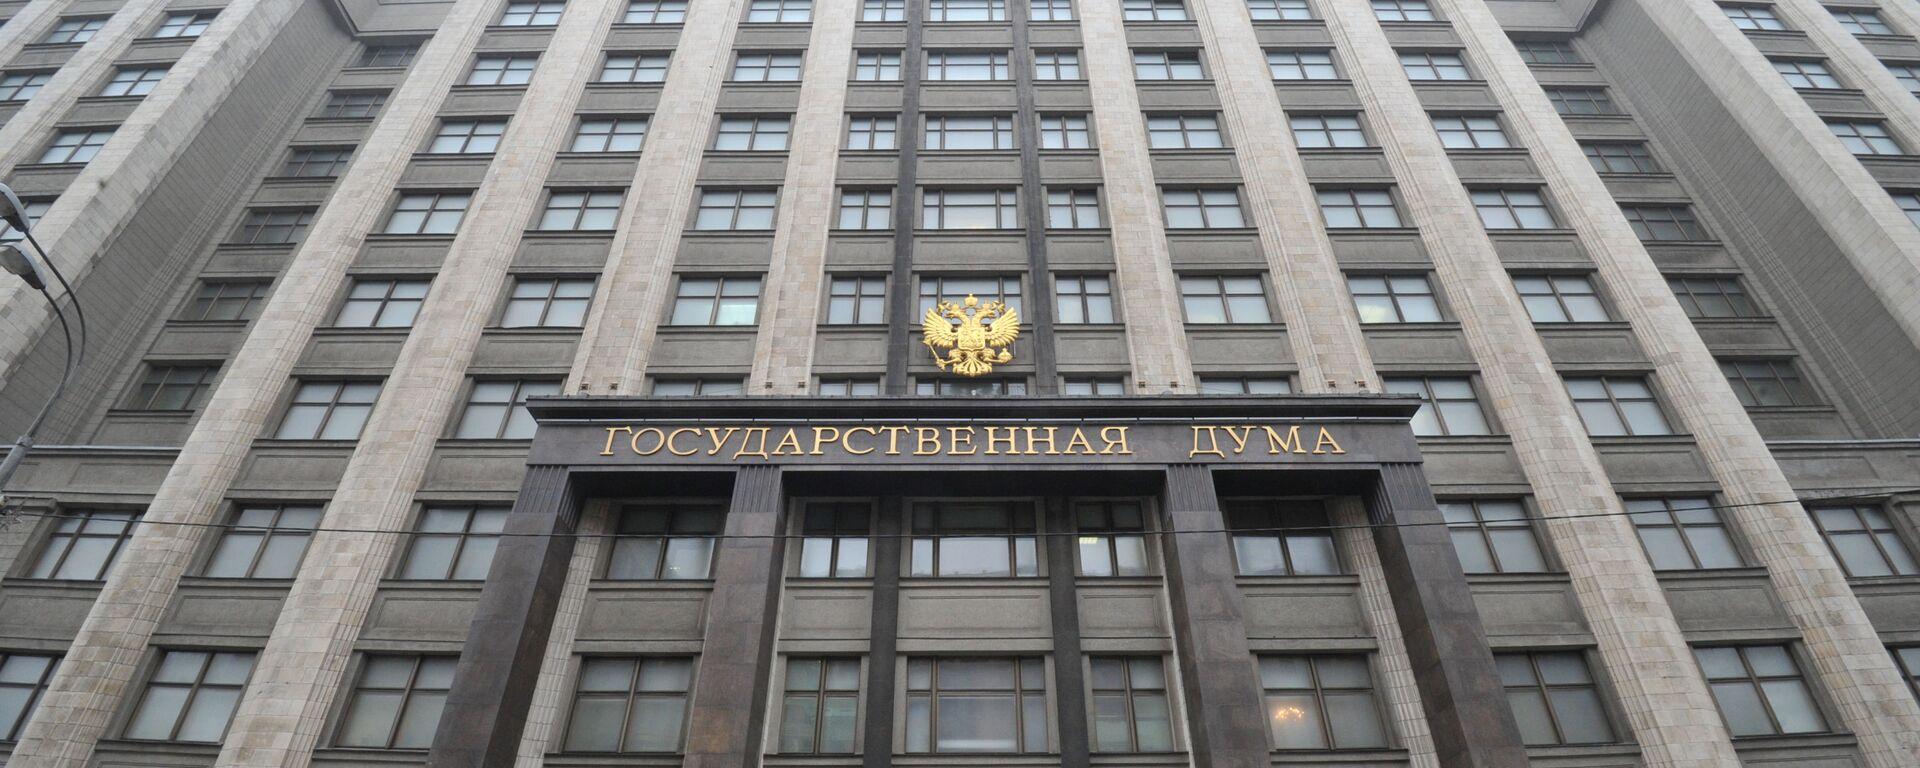 Budova Státní Dumy - Sputnik Česká republika, 1920, 15.05.2021